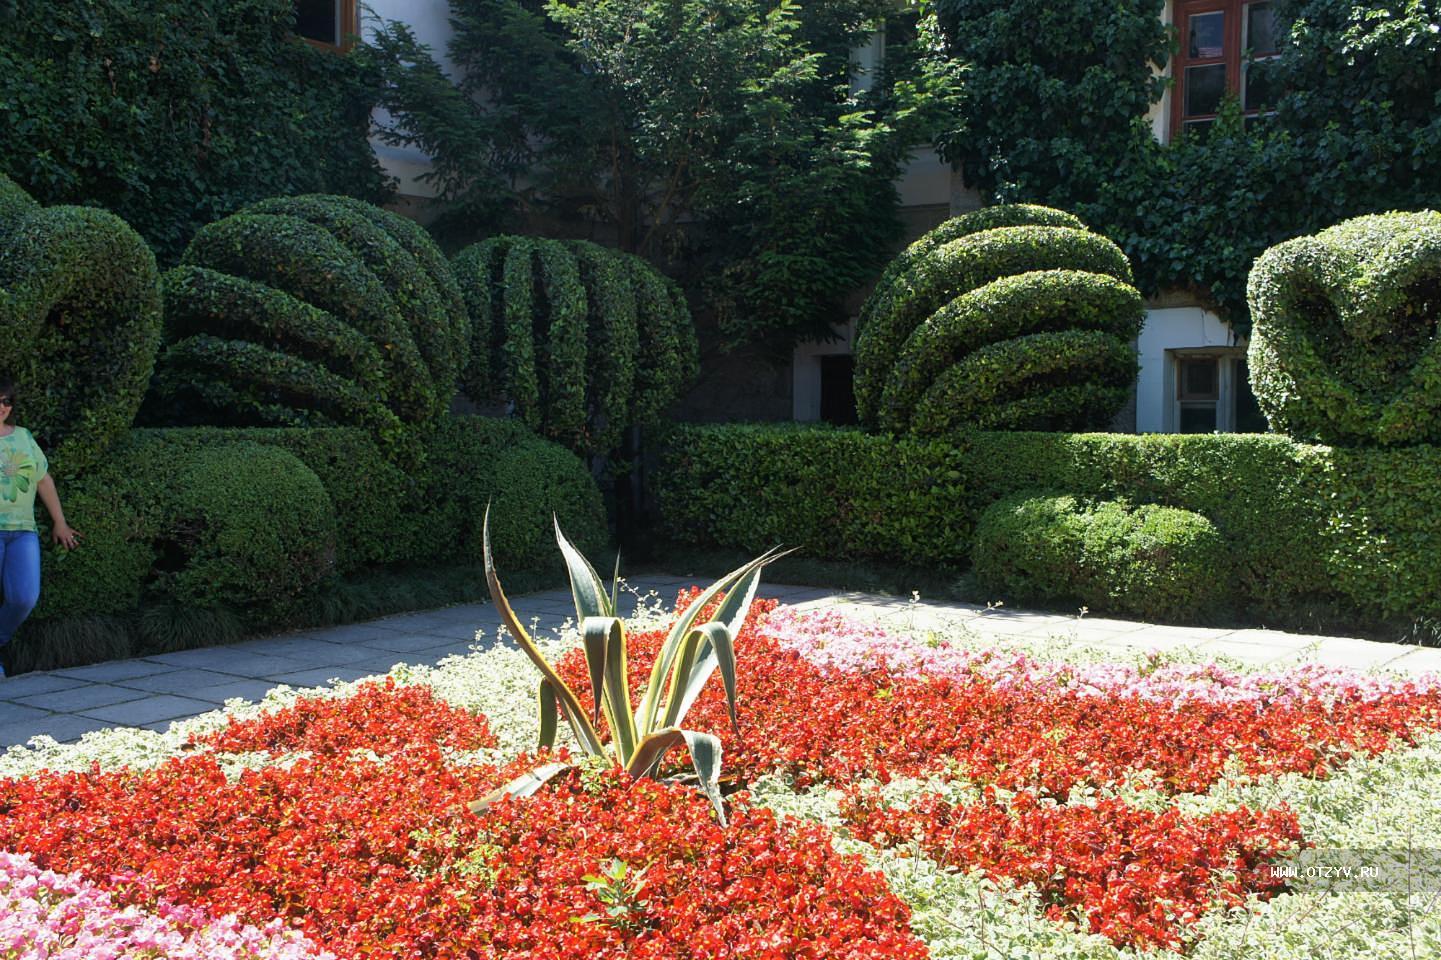 никитинский ботанический сад в ялте фото вместе снимались сериале